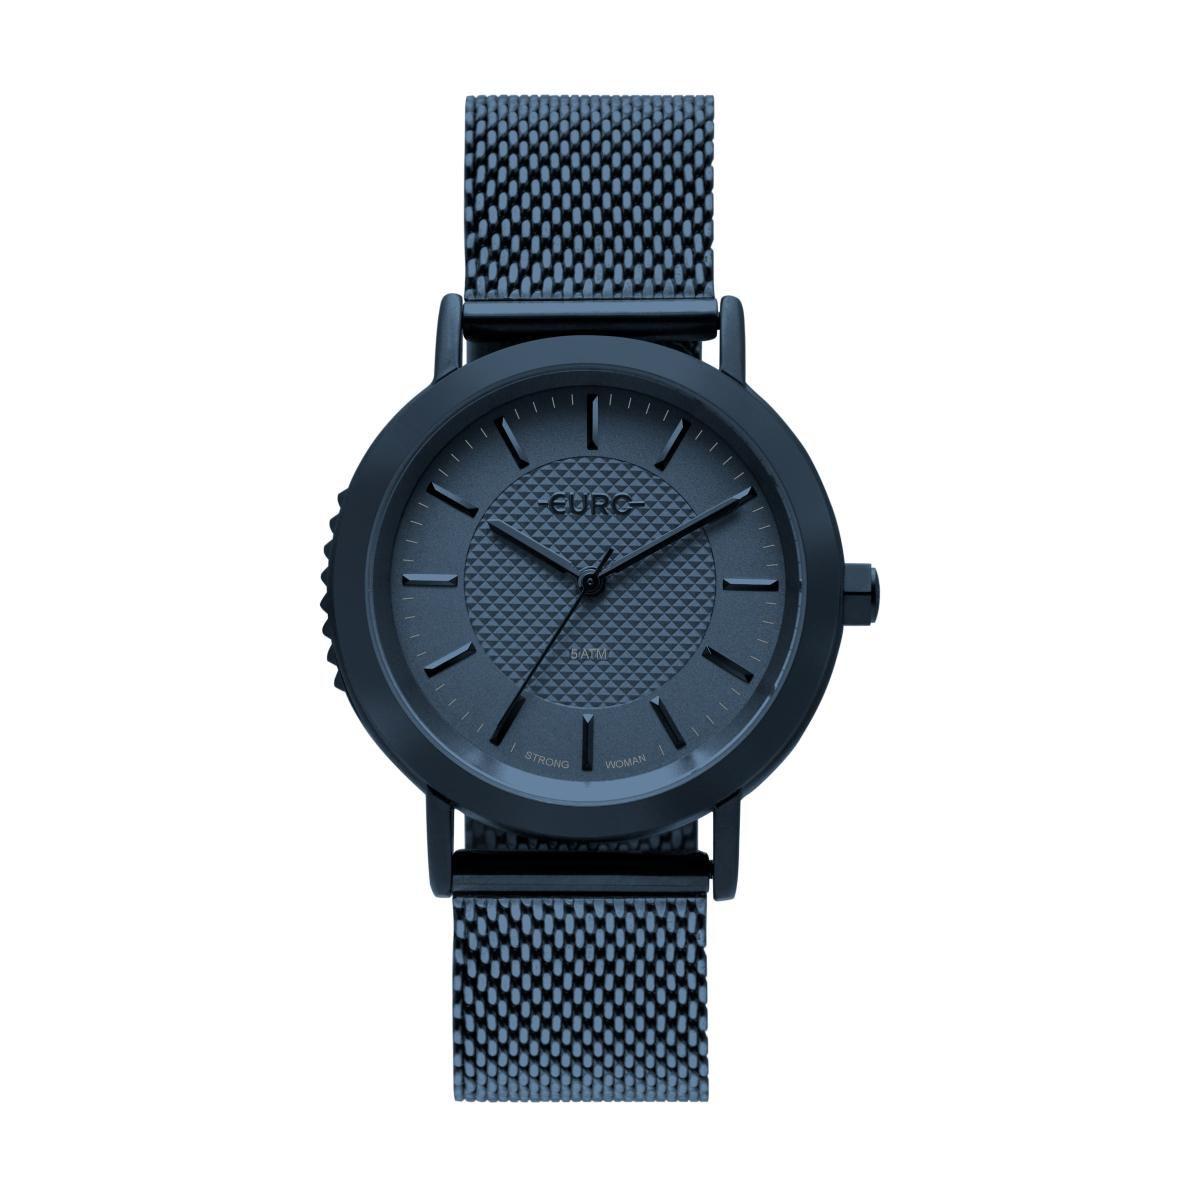 fcaed877881 Relógio Feminino Euro EU2036YNB 4A 40mm Aço Azul